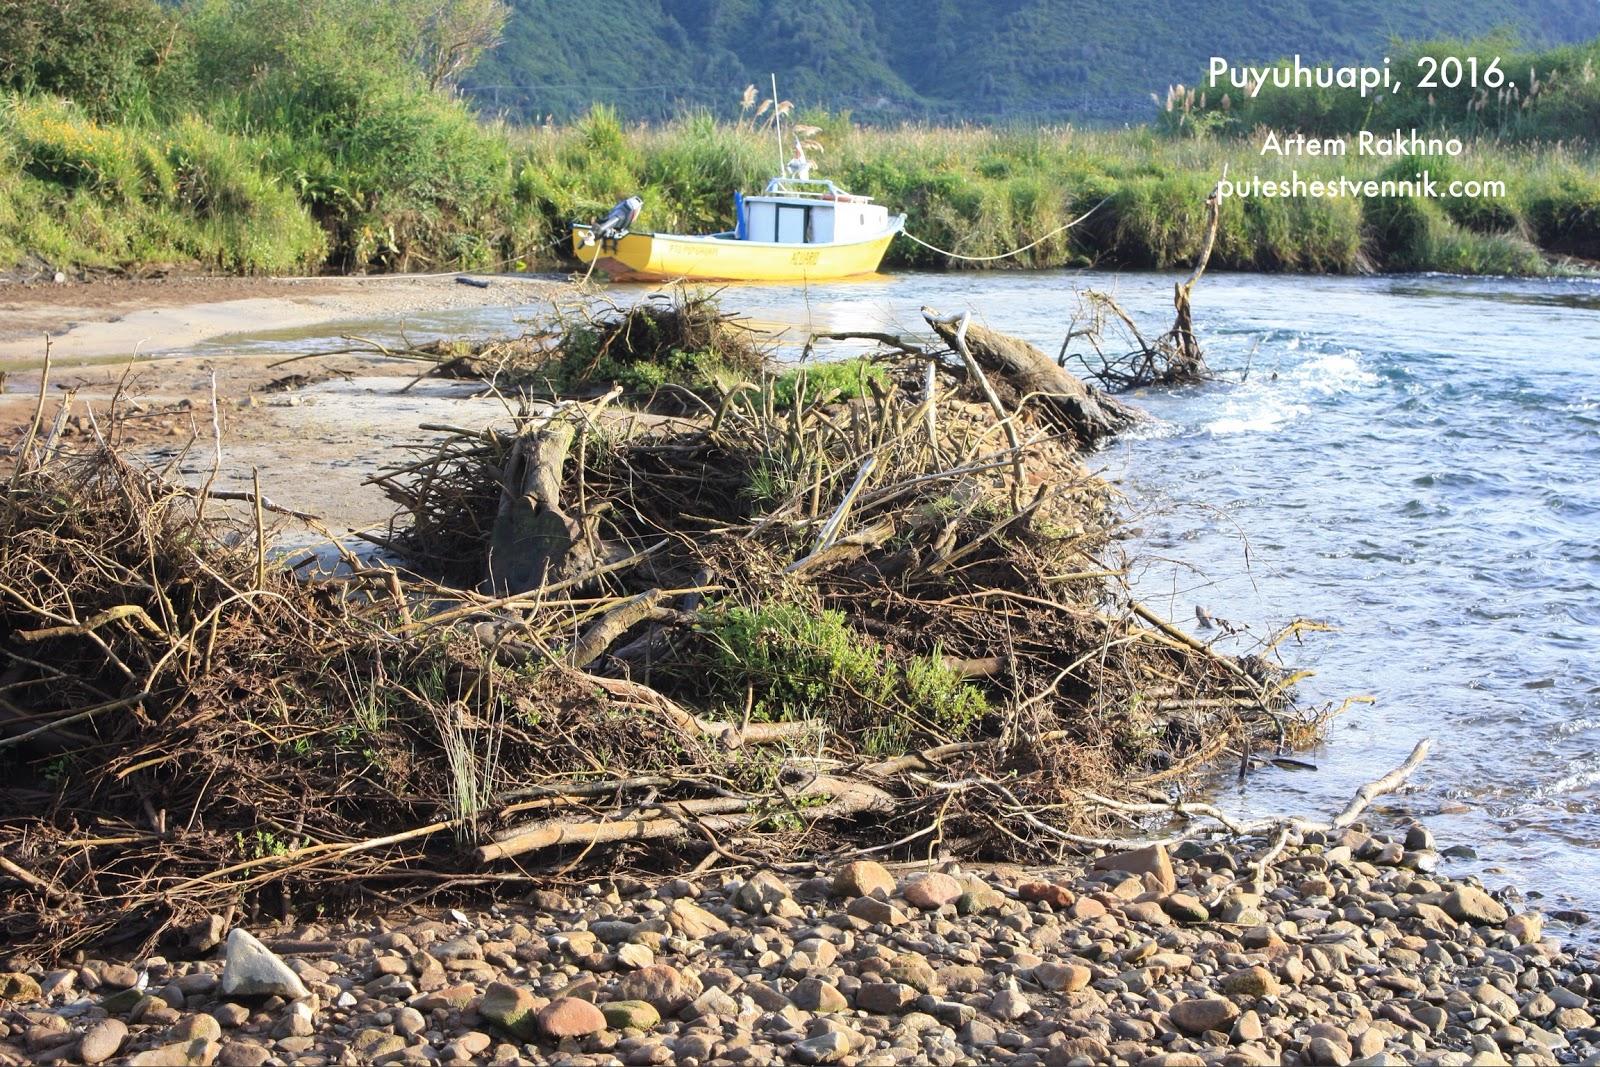 Бурелом и катер на реке в Пуюапи